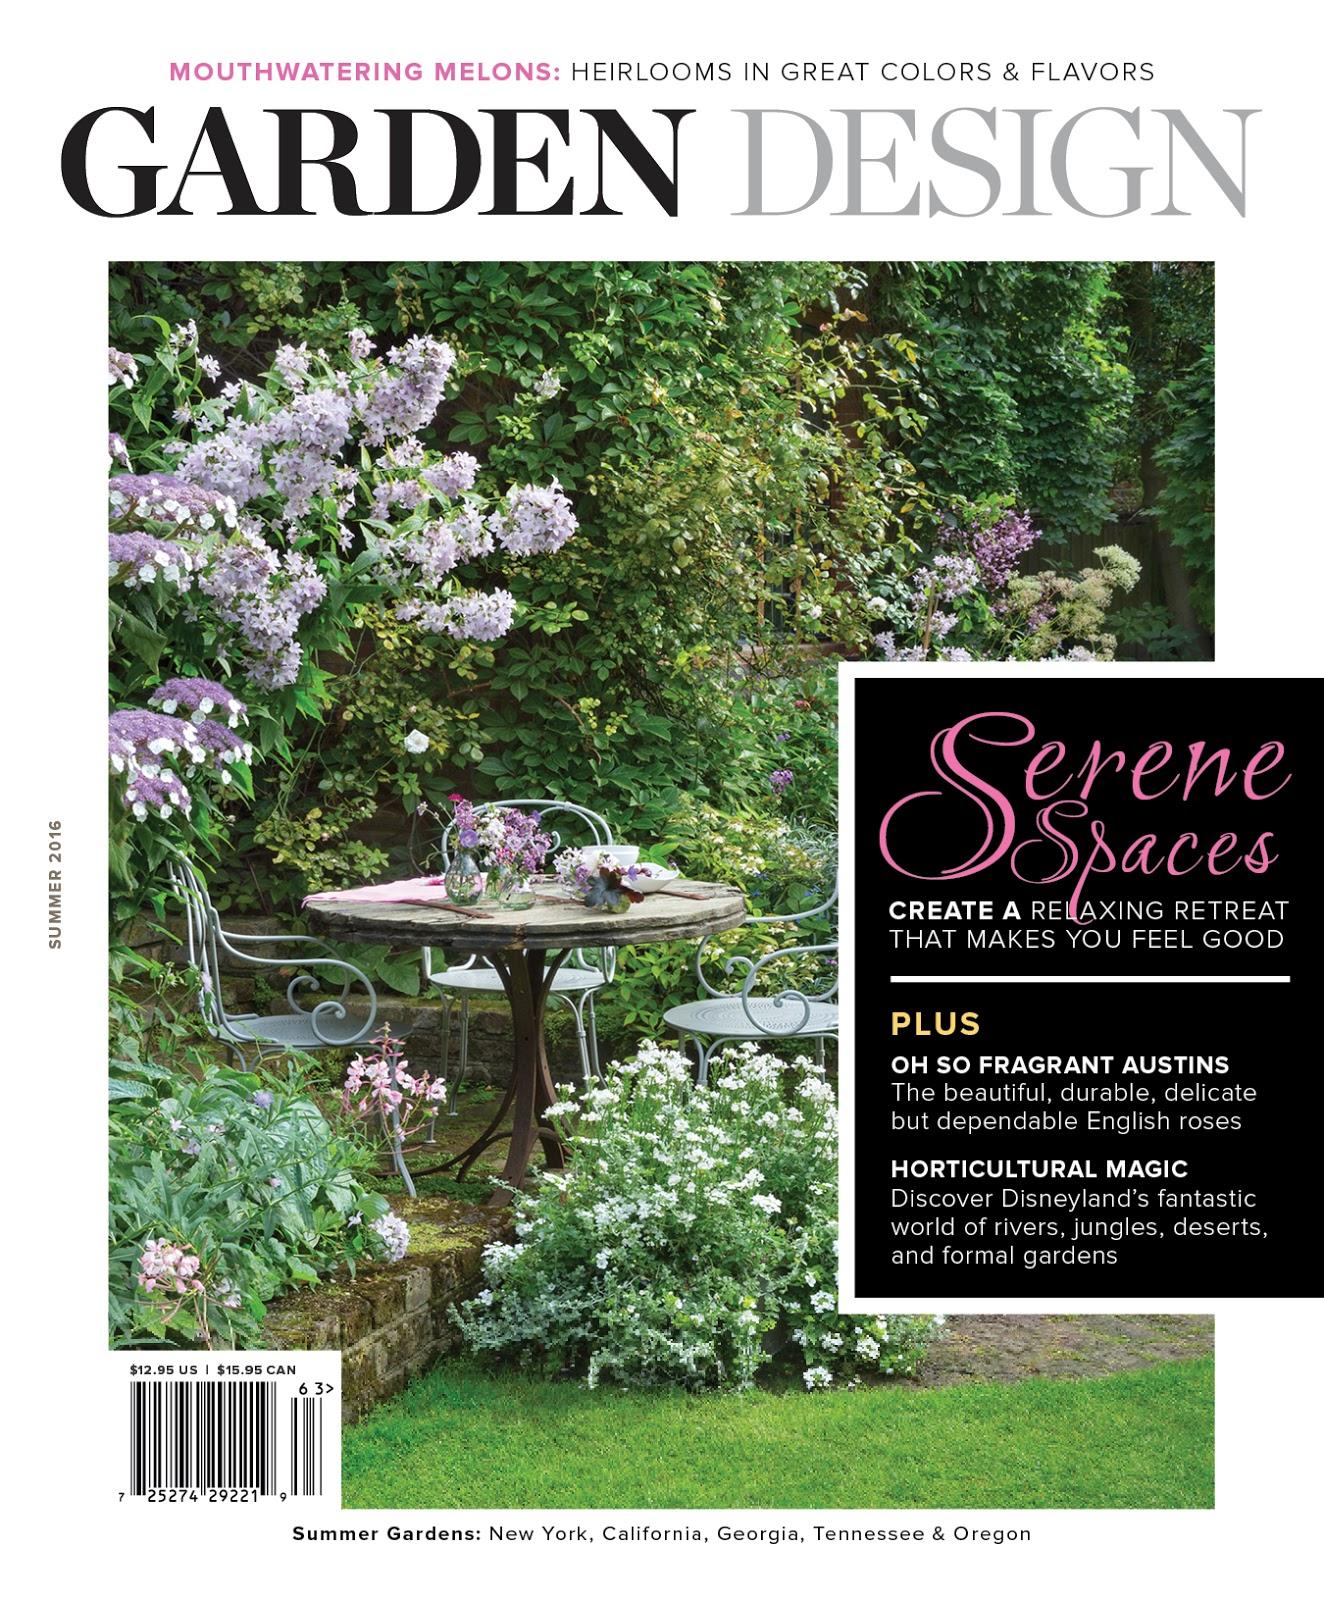 Garden Design Magazine My Tips and Interview